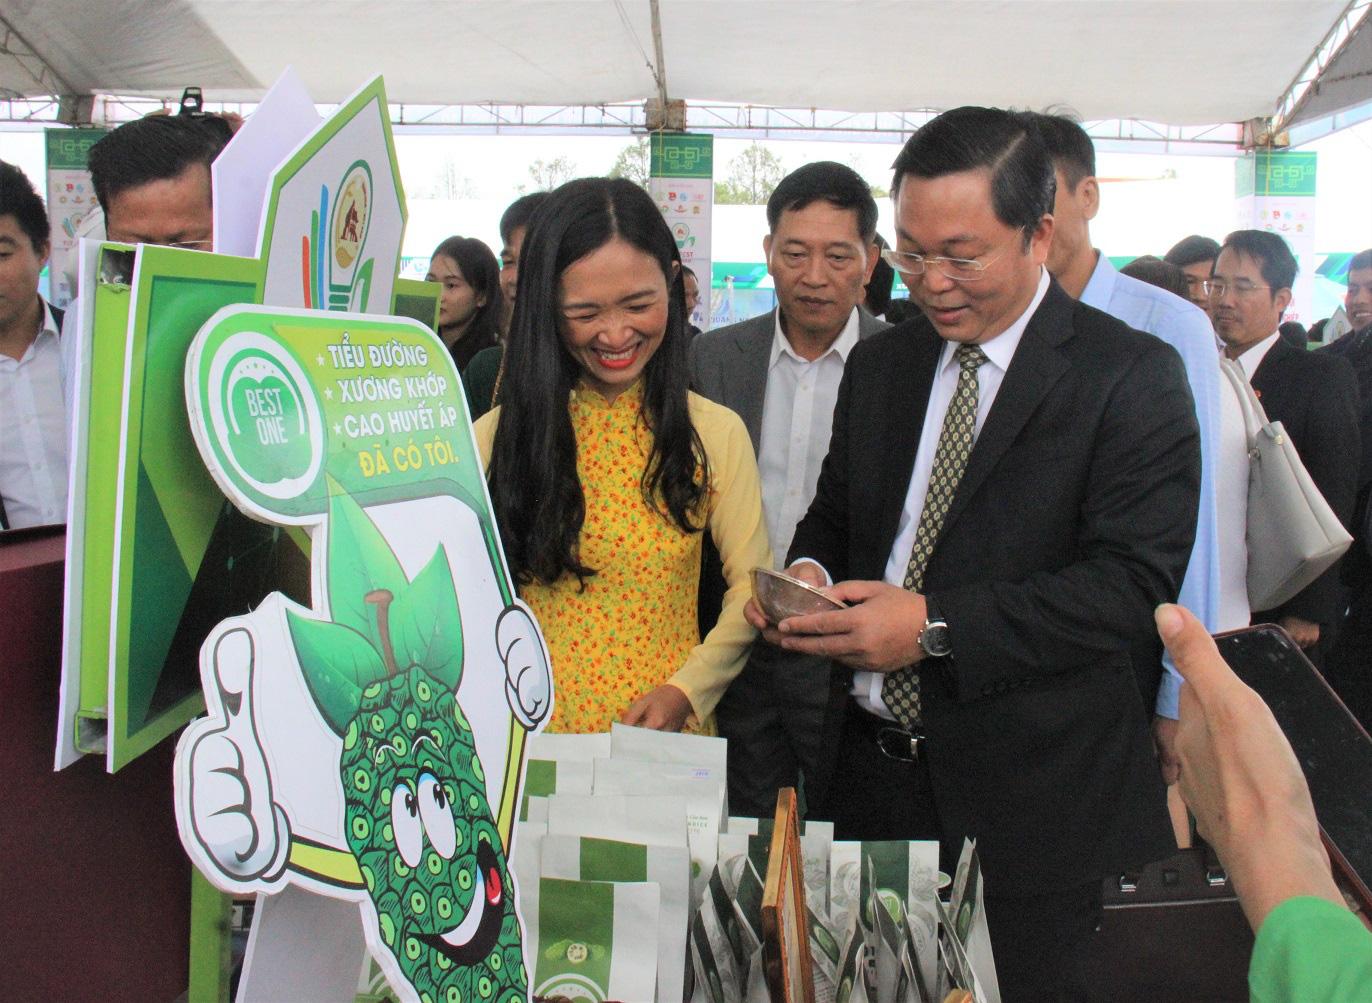 Ngày hội khởi nghiệp: Quảng Nam - Vùng đất mở cho khởi nghiệp sáng tạo   - Ảnh 2.